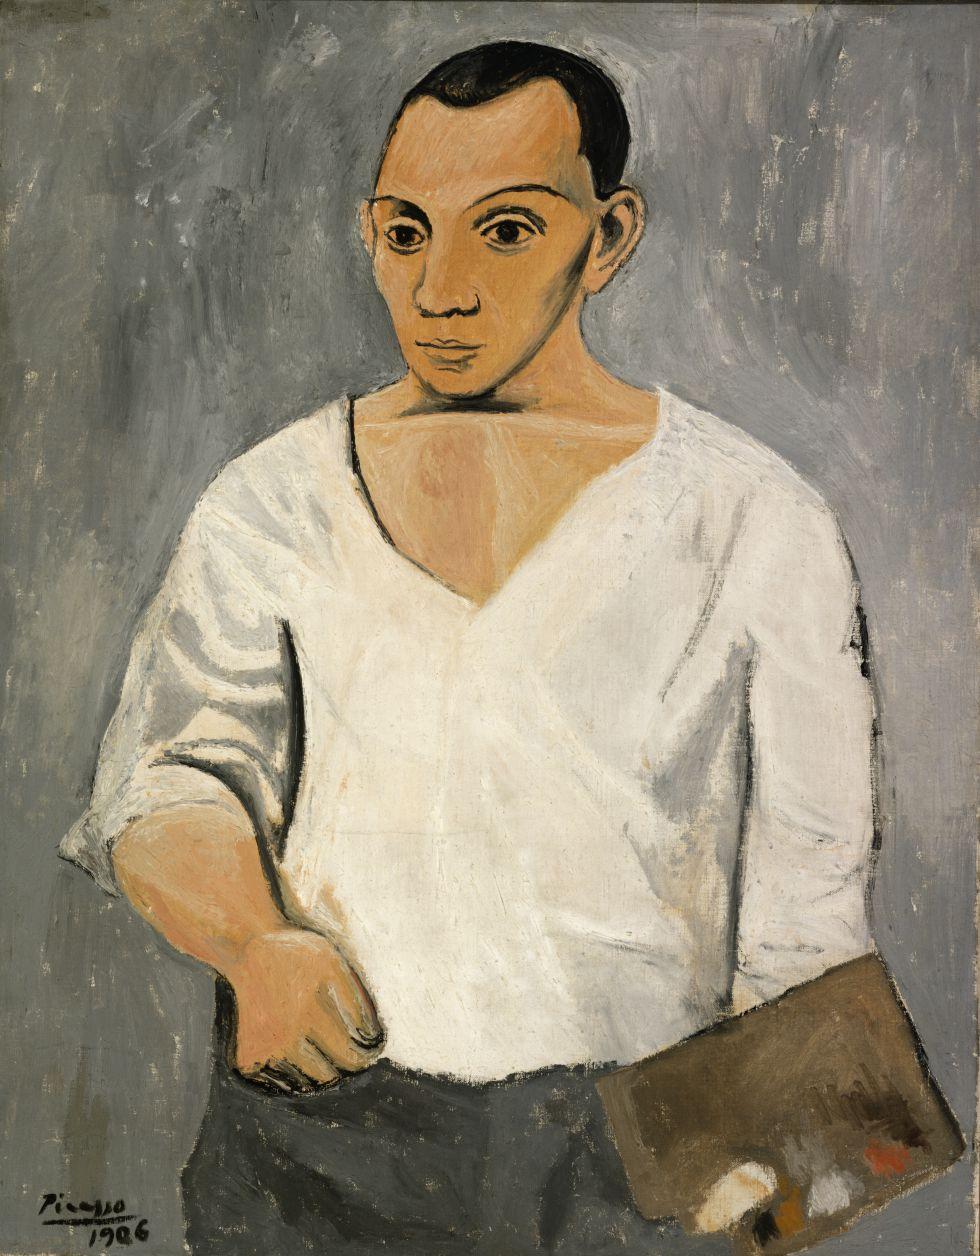 1. Pablo Picasso. 'Autorretrato com paleta', 1906. Óleo sobre tela, 91.9 x 73.3 cm. A. E. Gallatin Collection, 1950. Philadelphia Museum of Art.